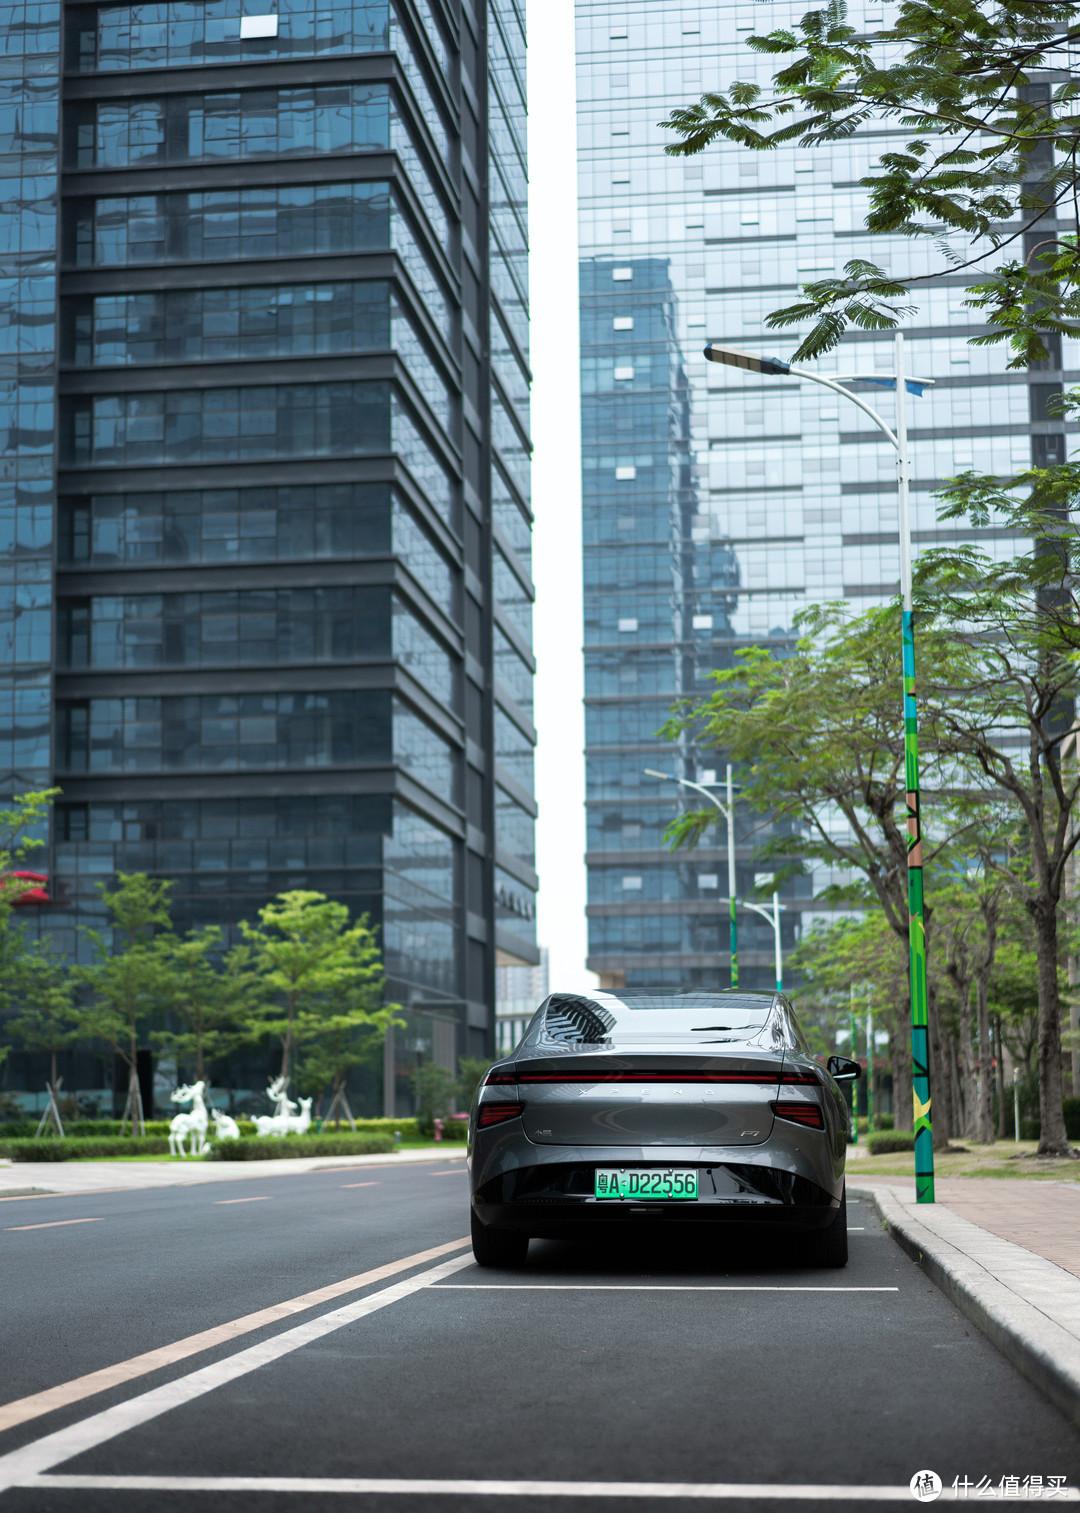 迟到的提车作业——小鹏P7 车主的智能电动车初体验